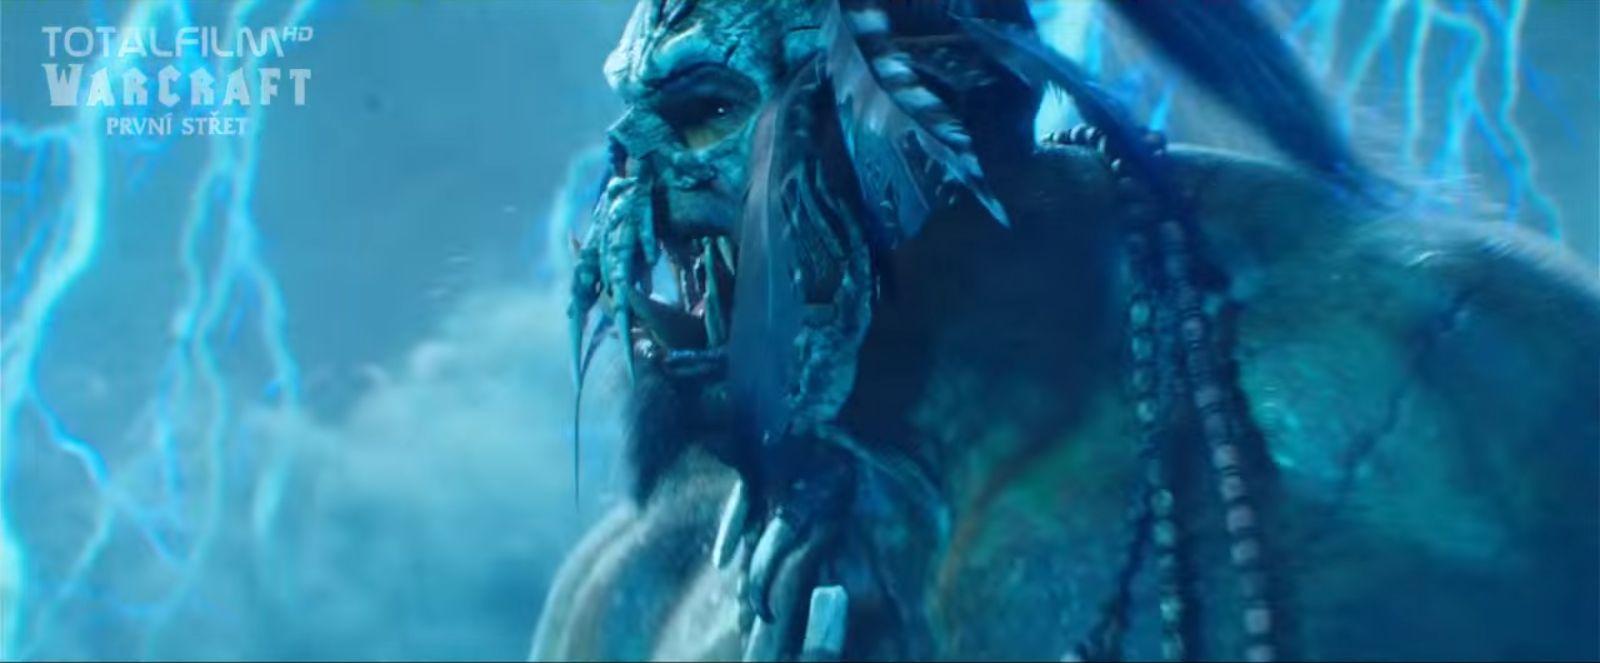 WarCraft: První střet nás vtáhne do osudu hrdinů střetávajících se při zániku světa Orků